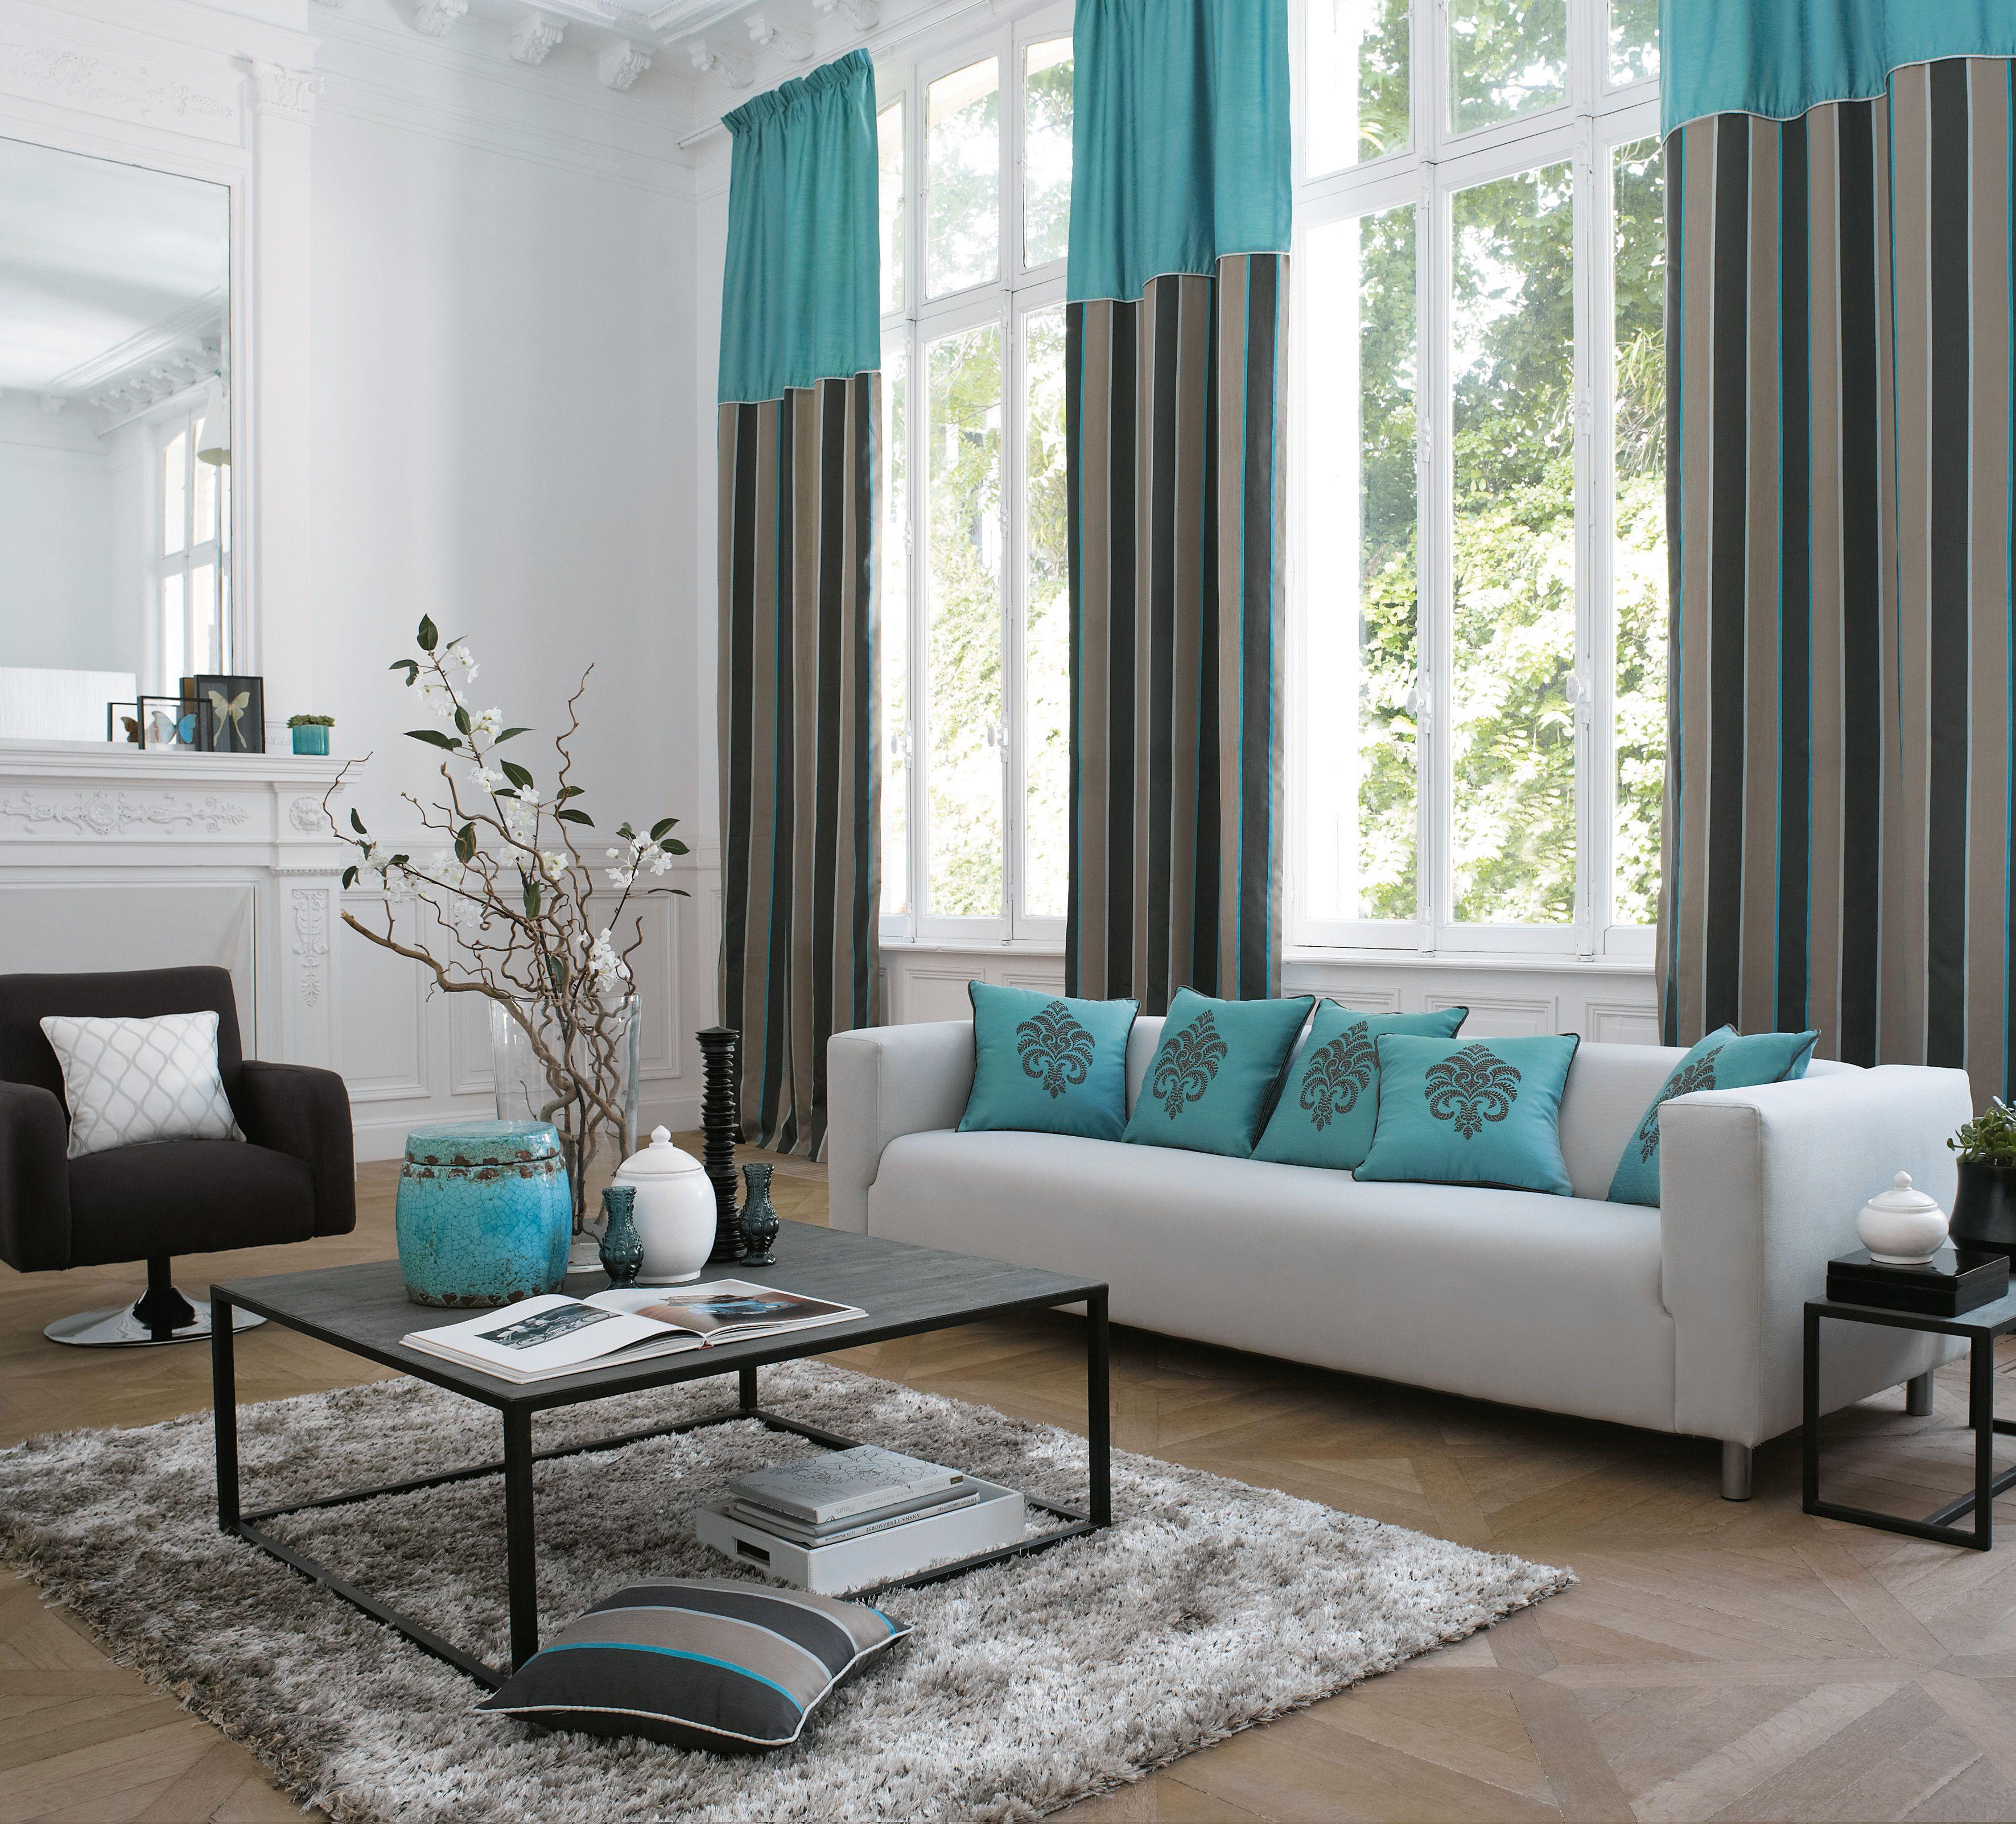 Collection NAPOLI. Canapé, élégance, chaleureuse, sophistiquée